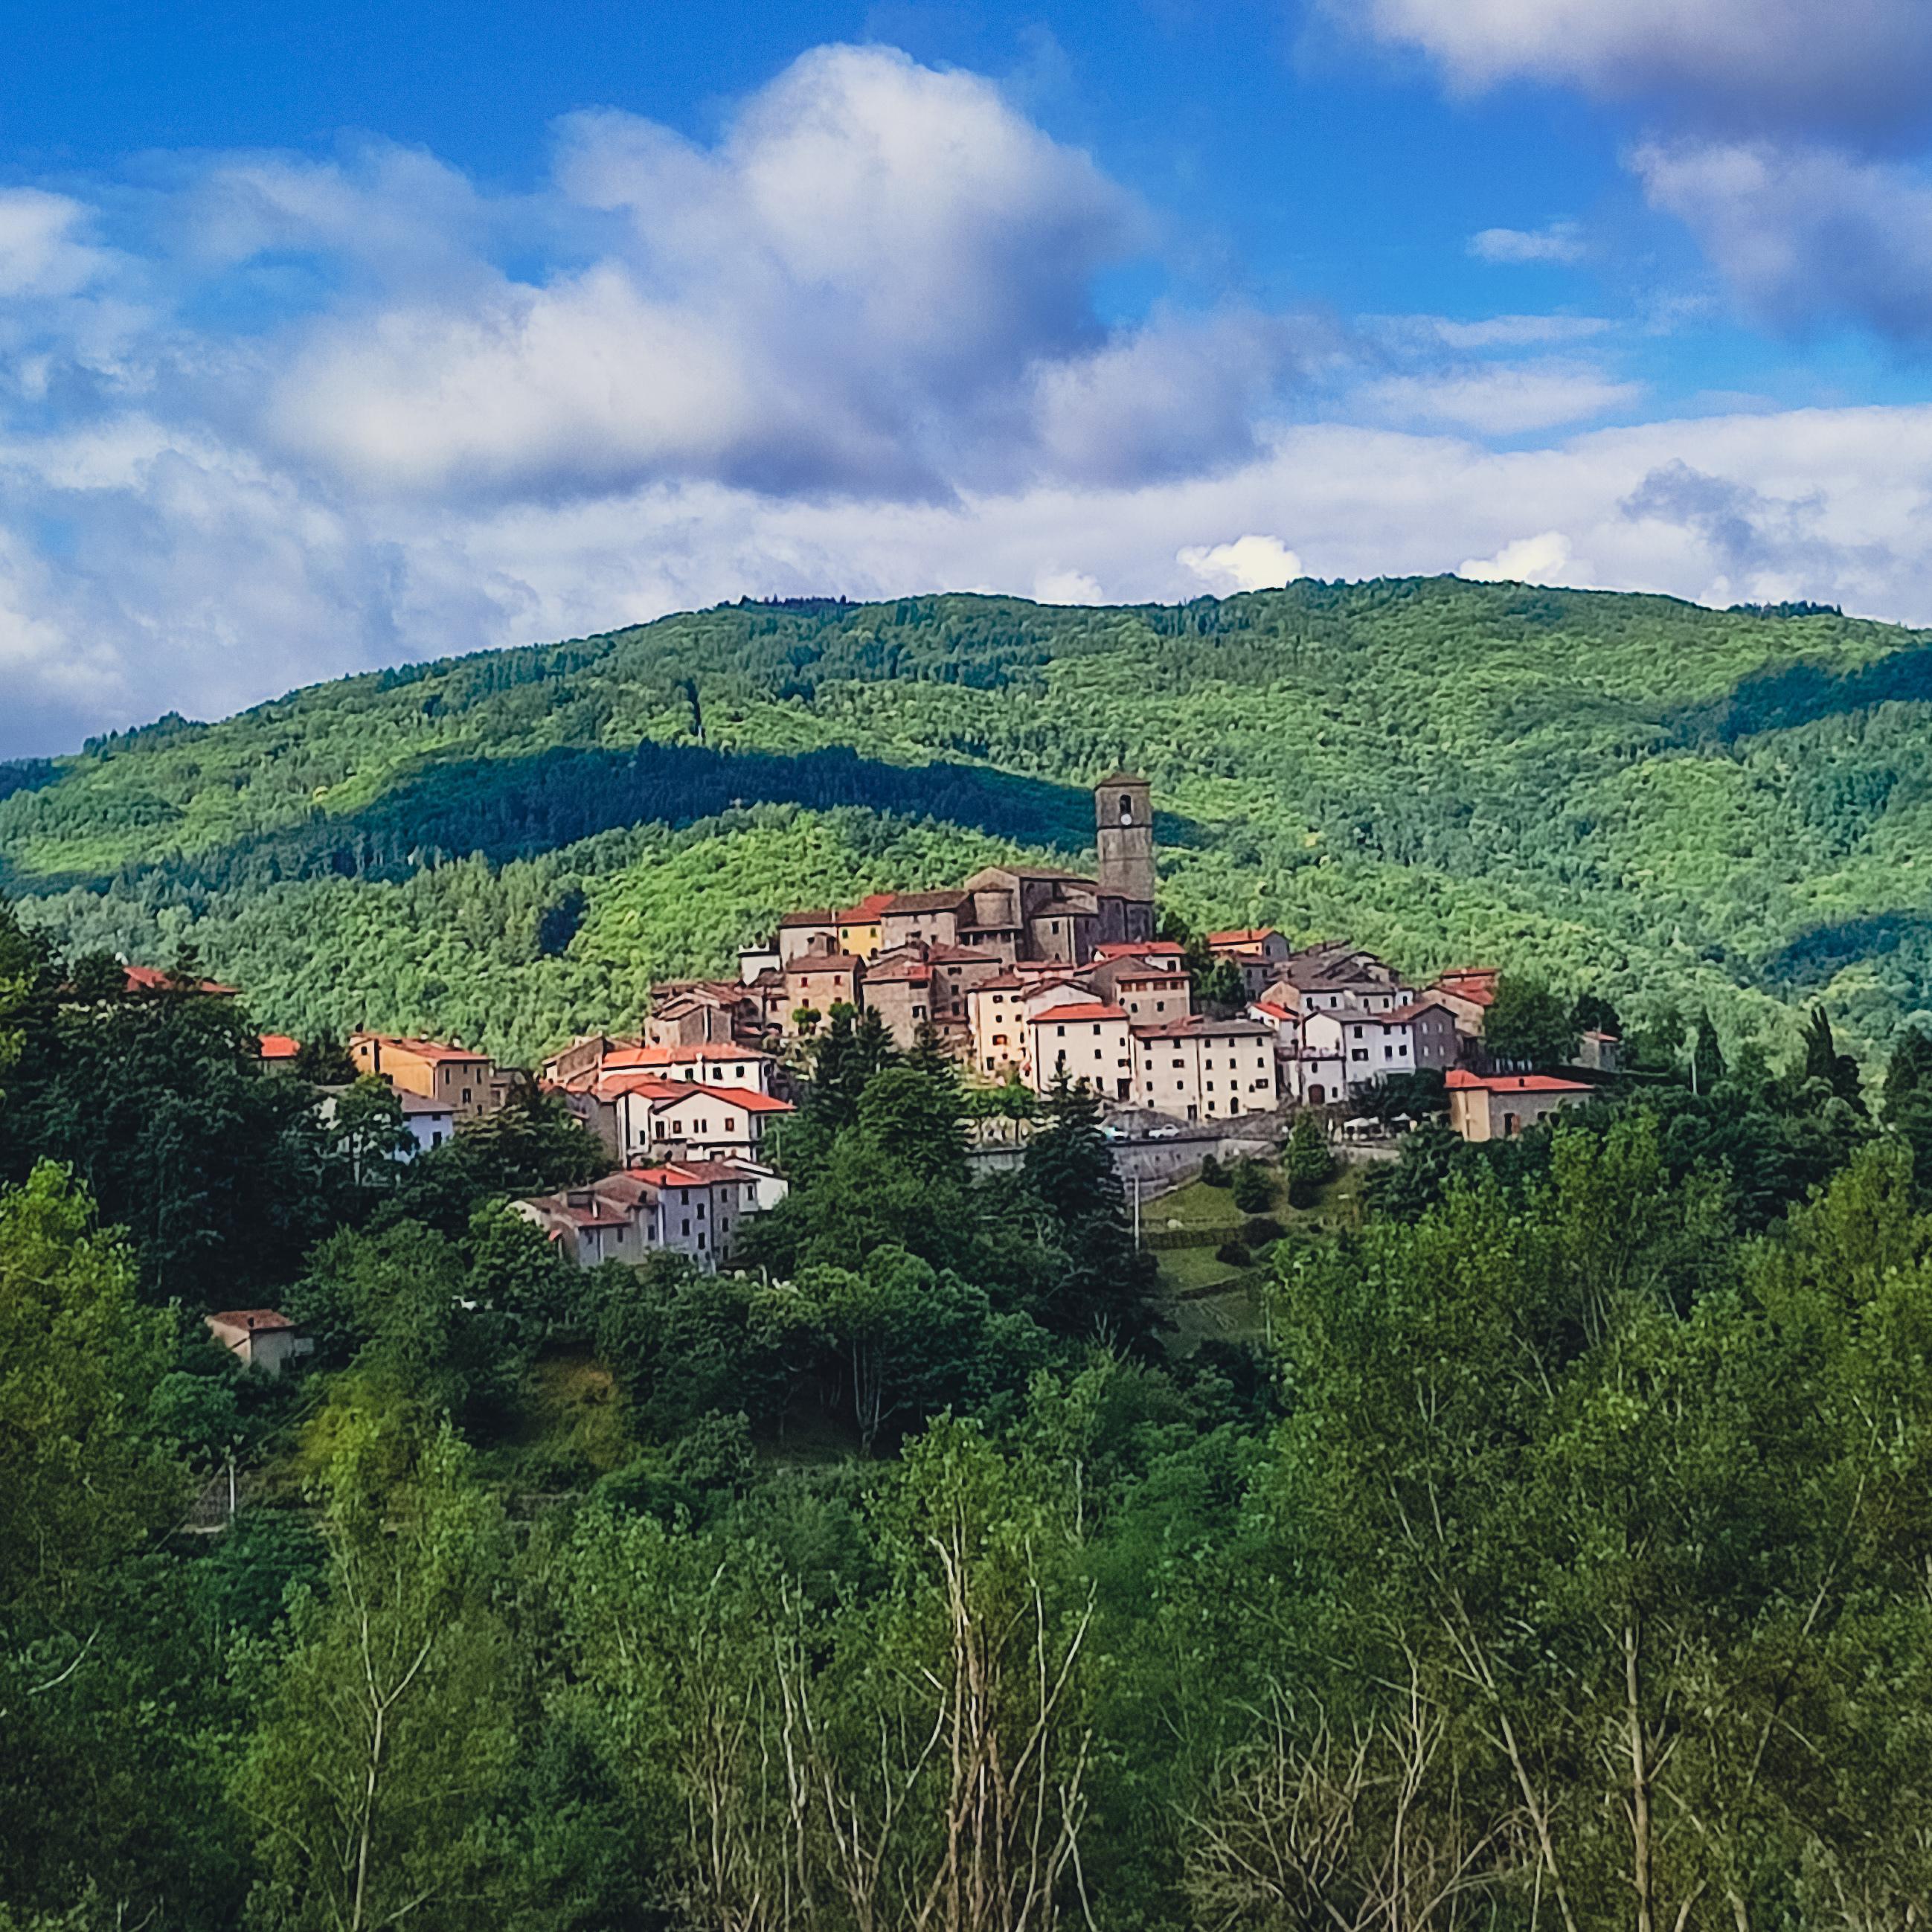 Idee nuove per la provincia italiana - proposte per una nuova politica per rilanciare i territori non urbani